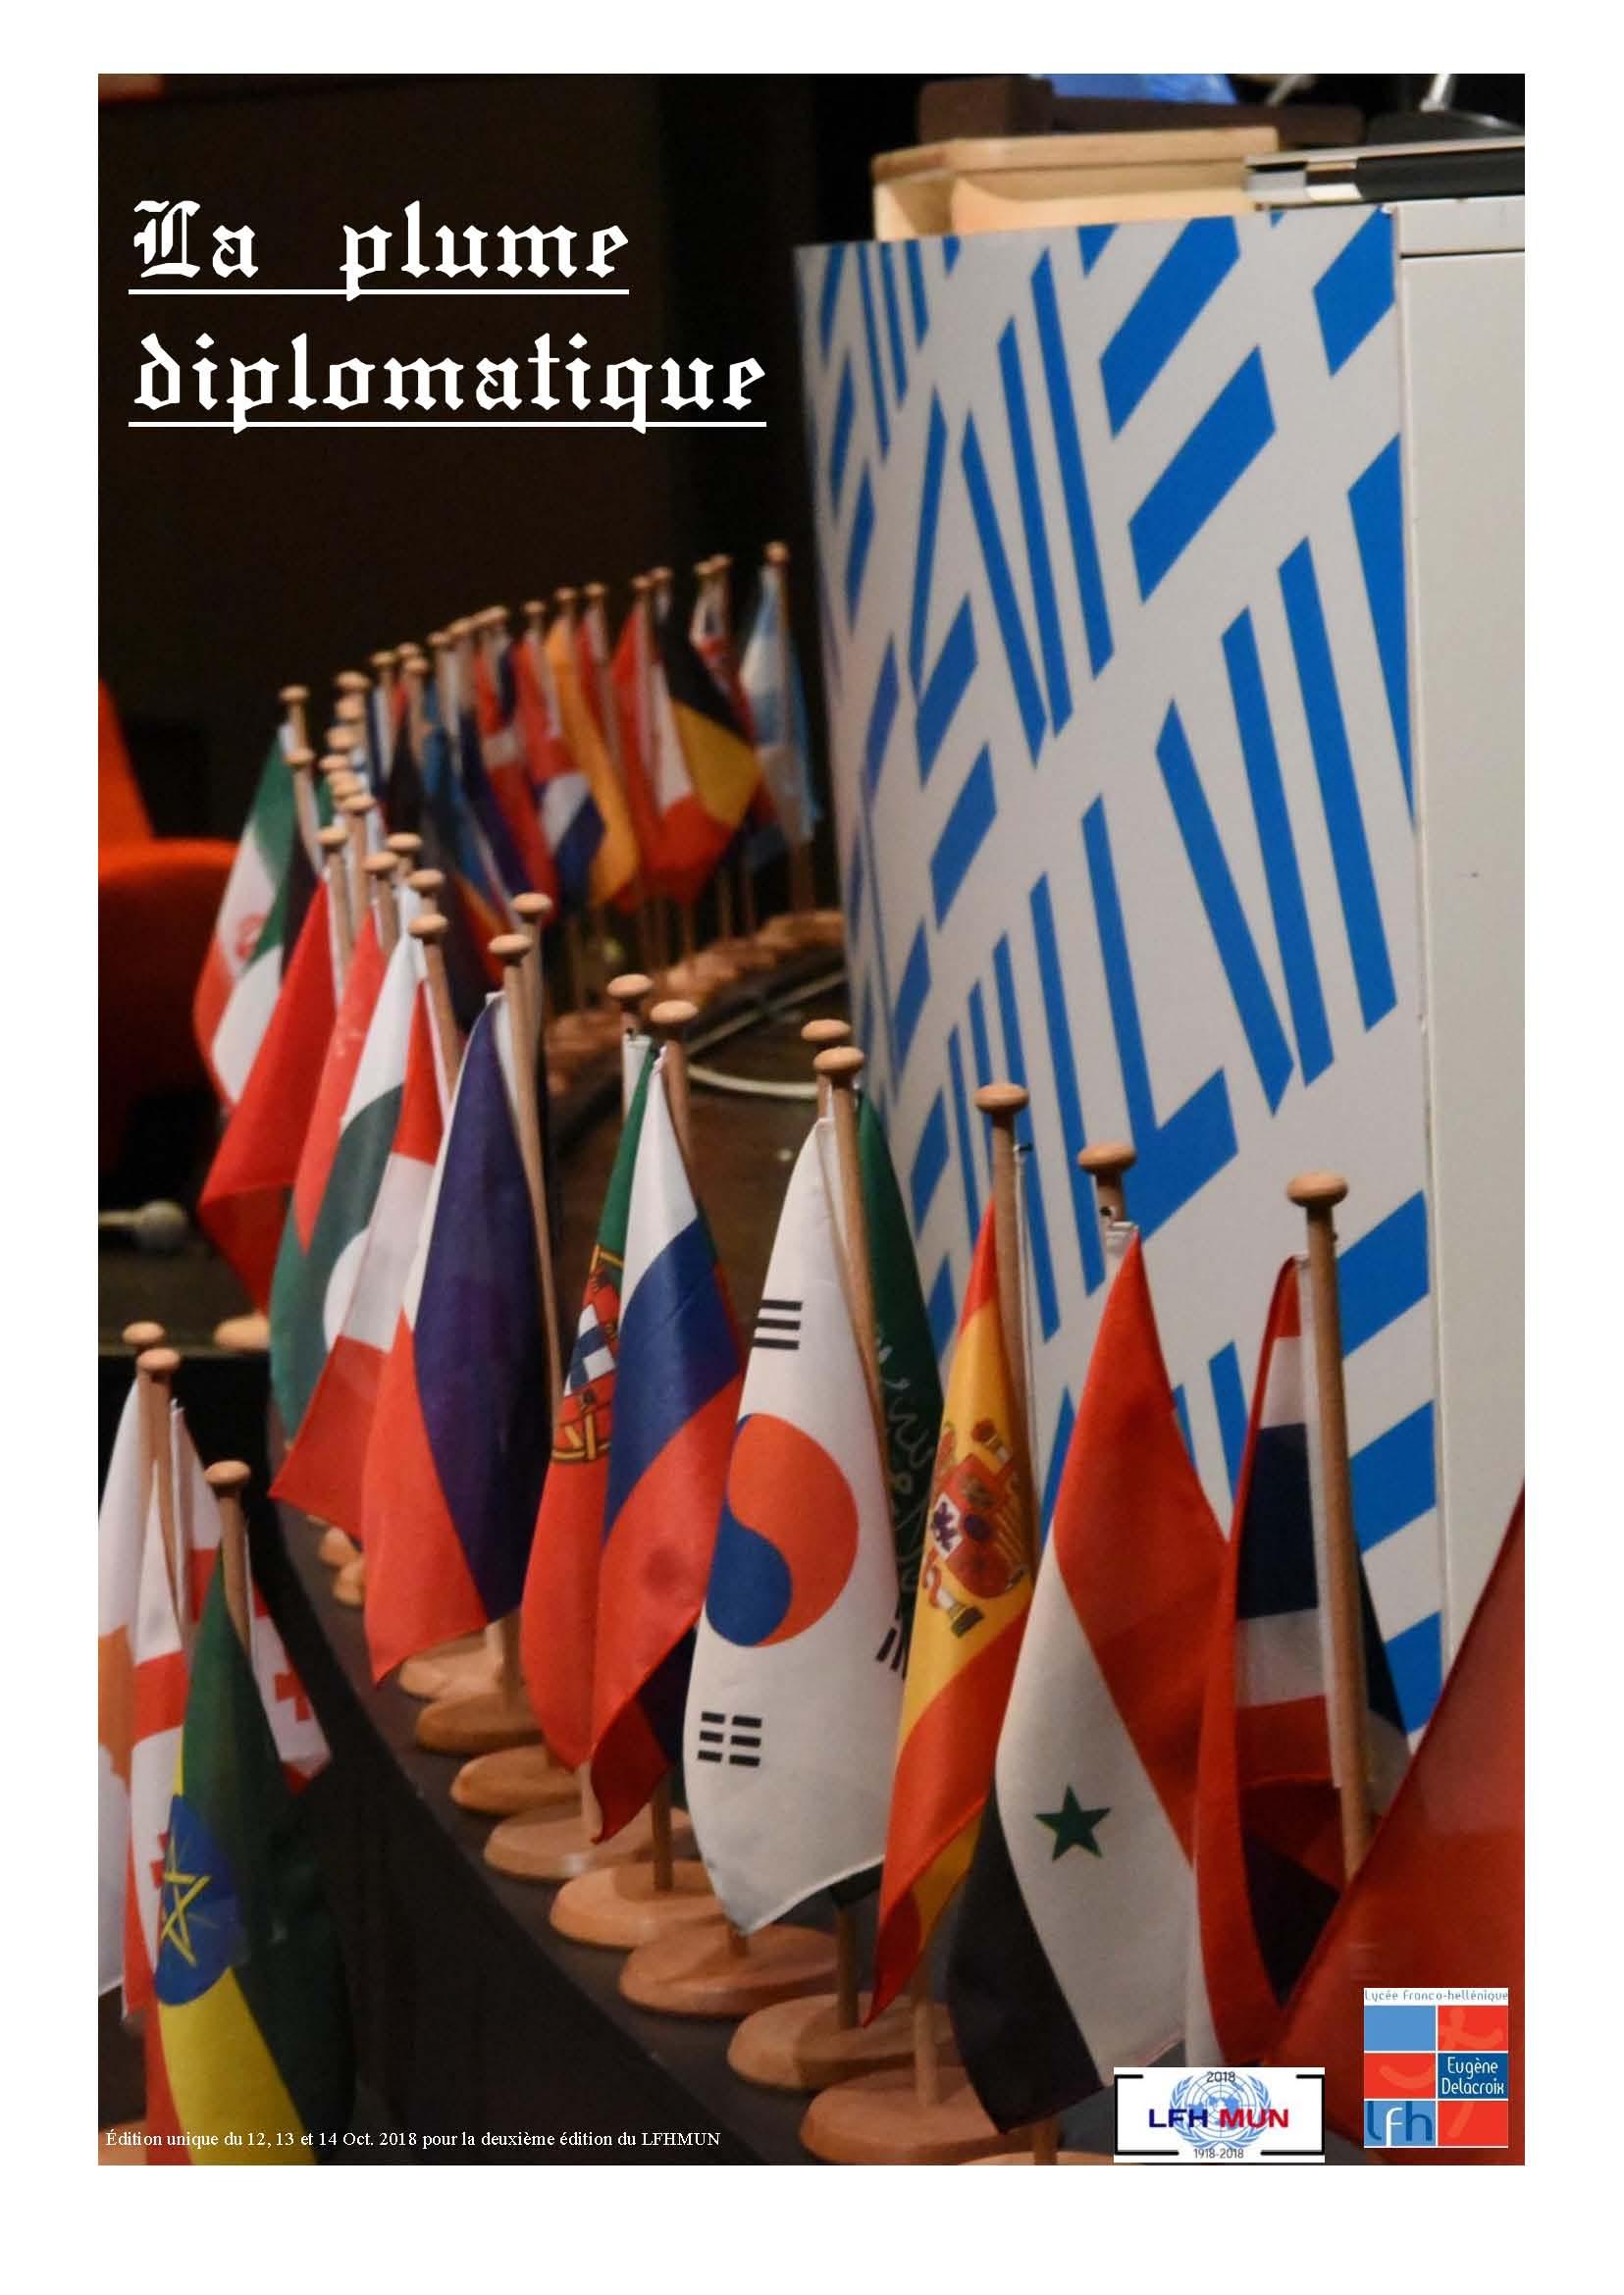 Découvrez le journal du projet bilingue LFH MUN !